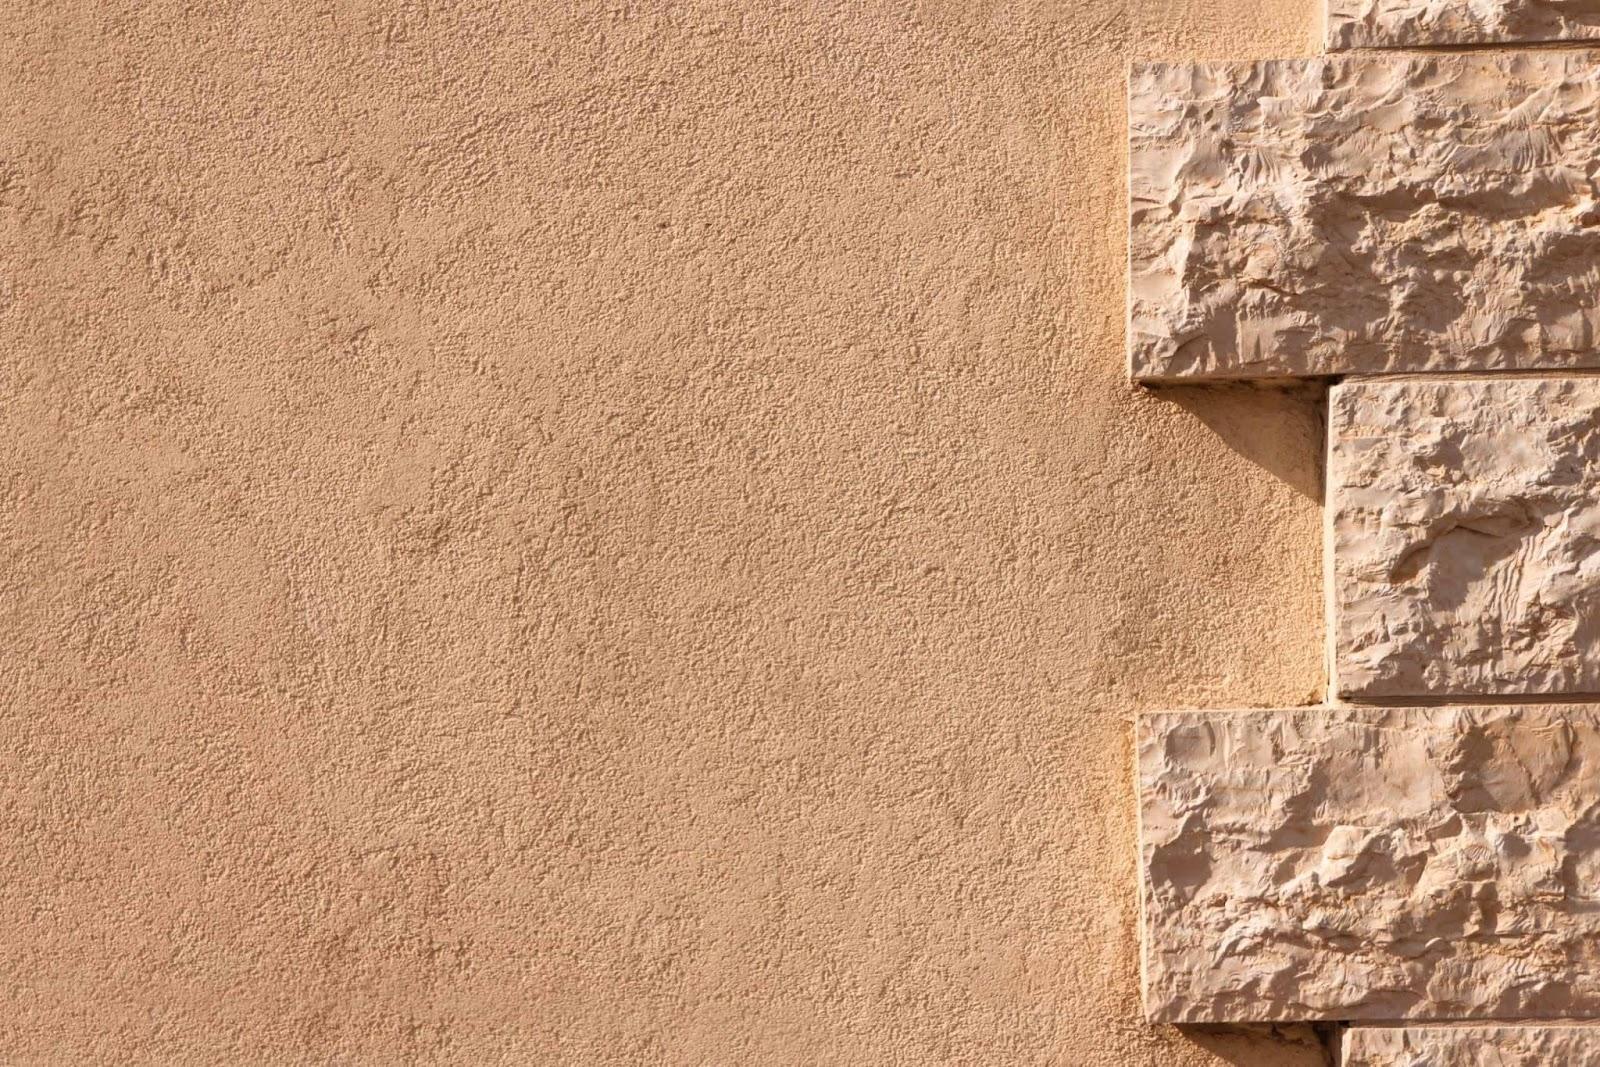 Sơn hiệu ứng Stucco-Sơn hiệu ứng Stucco hoàn toàn không có thành phần là xi măng, bột trét